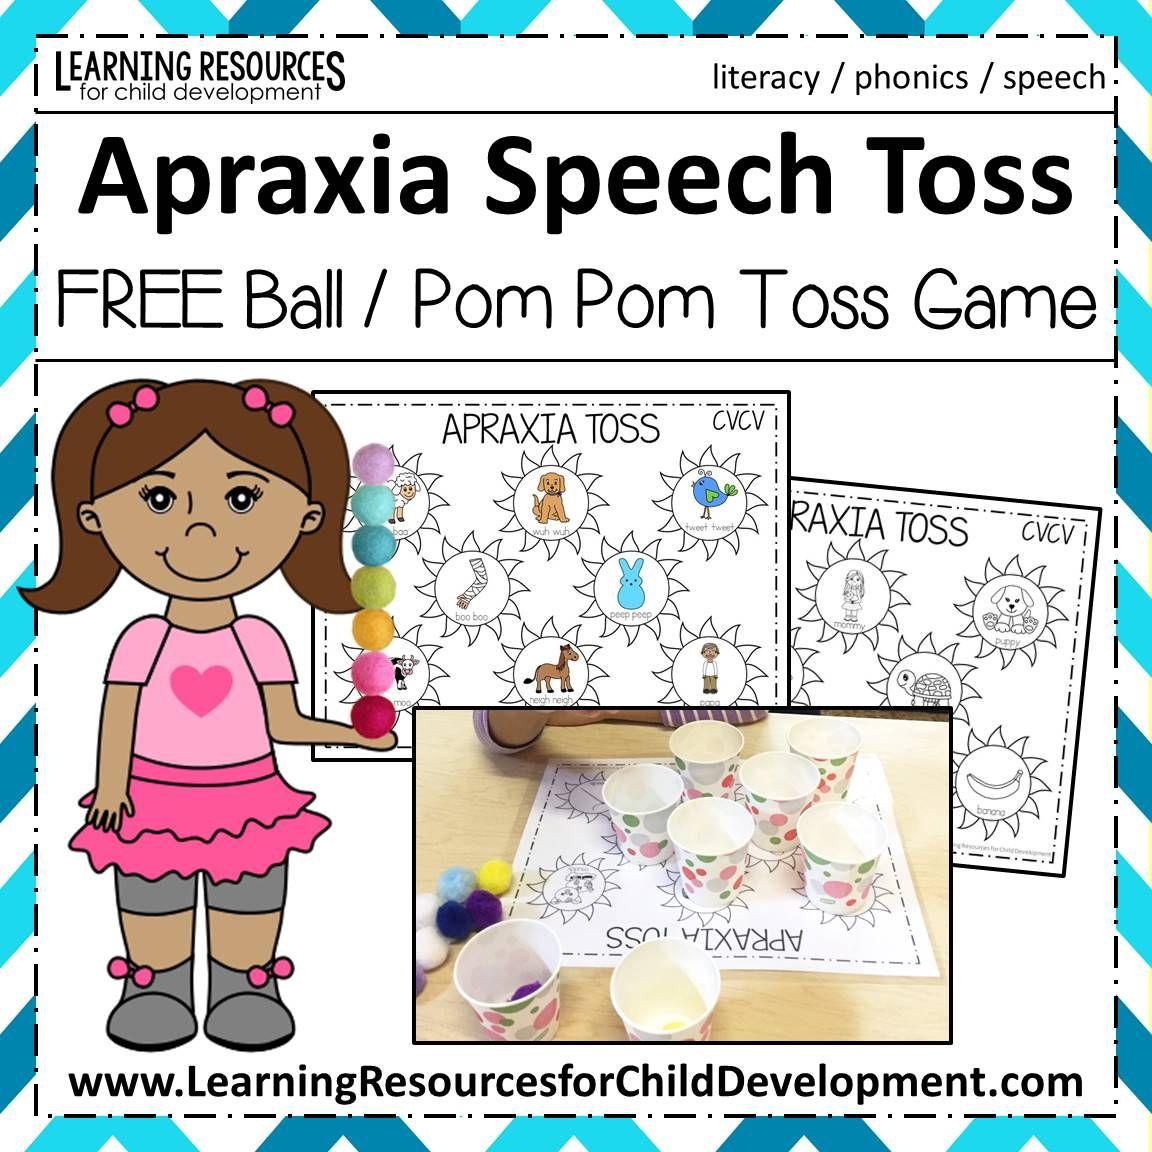 Apraxia Speech Toss